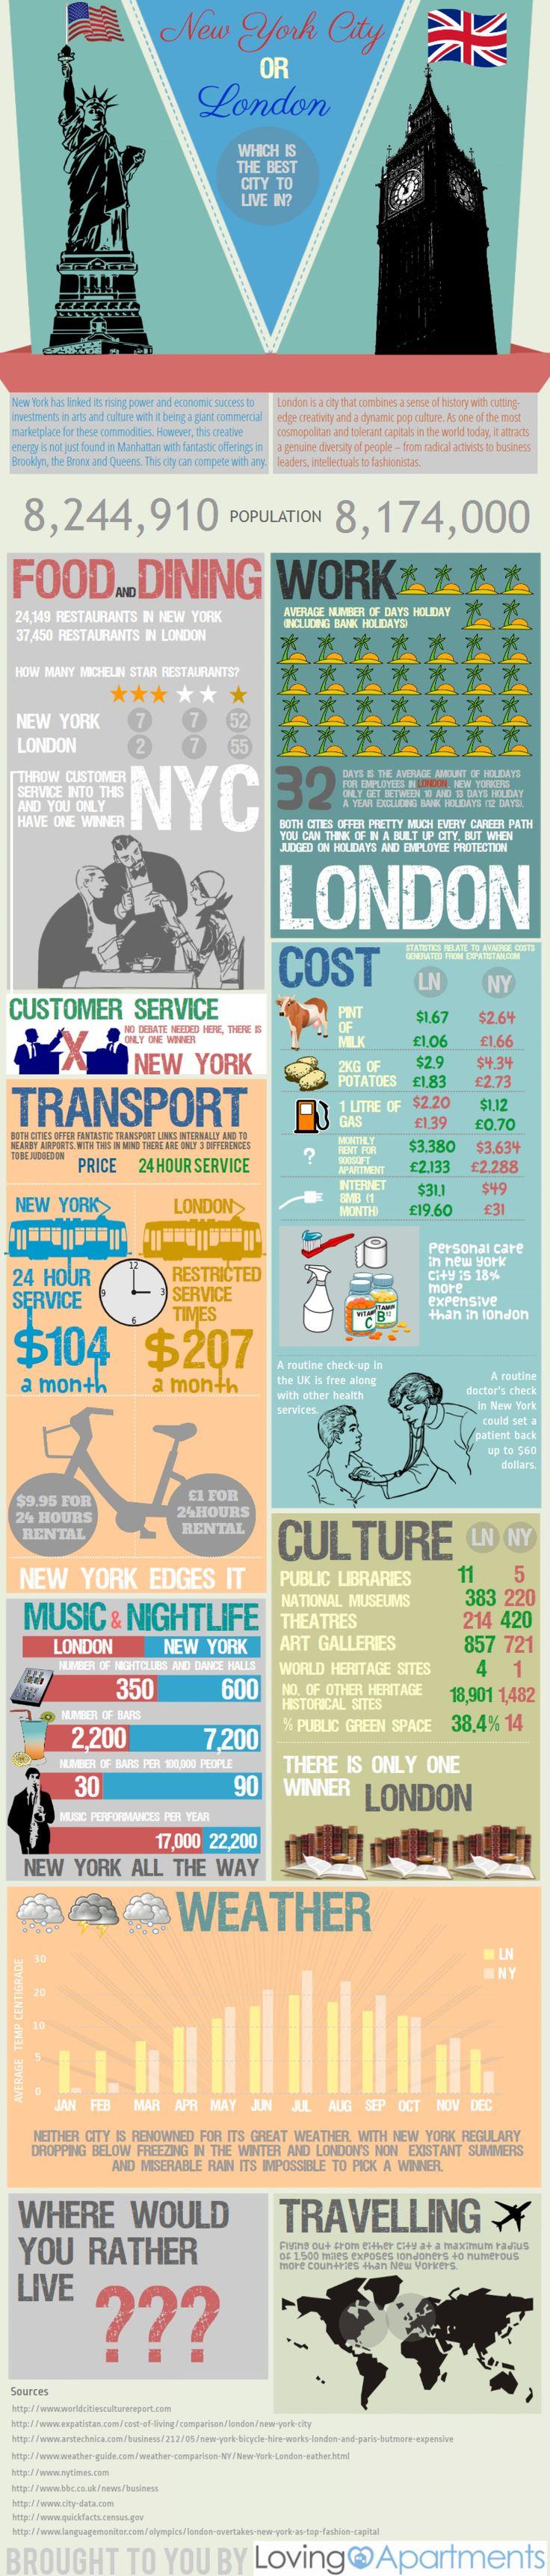 """London vs New York Infographic      Brooklyn:  Multicultural, tiene fabulosas vistas a Manhattan, barrios muy bien conservados, una historia llena de riqueza y una peculiar vida """"de barrio de New york    El St. Francis College, donde hacemos las clases y algunas actividades, tiene más de 150 años de historia y se encuentra en pleno centro de Brooklyn Height.    #WeLoveBS #inglés #idiomas #EstadosUnidos #EstatsUnits #USA #NewYork #NuevaYork #Brooklyn"""